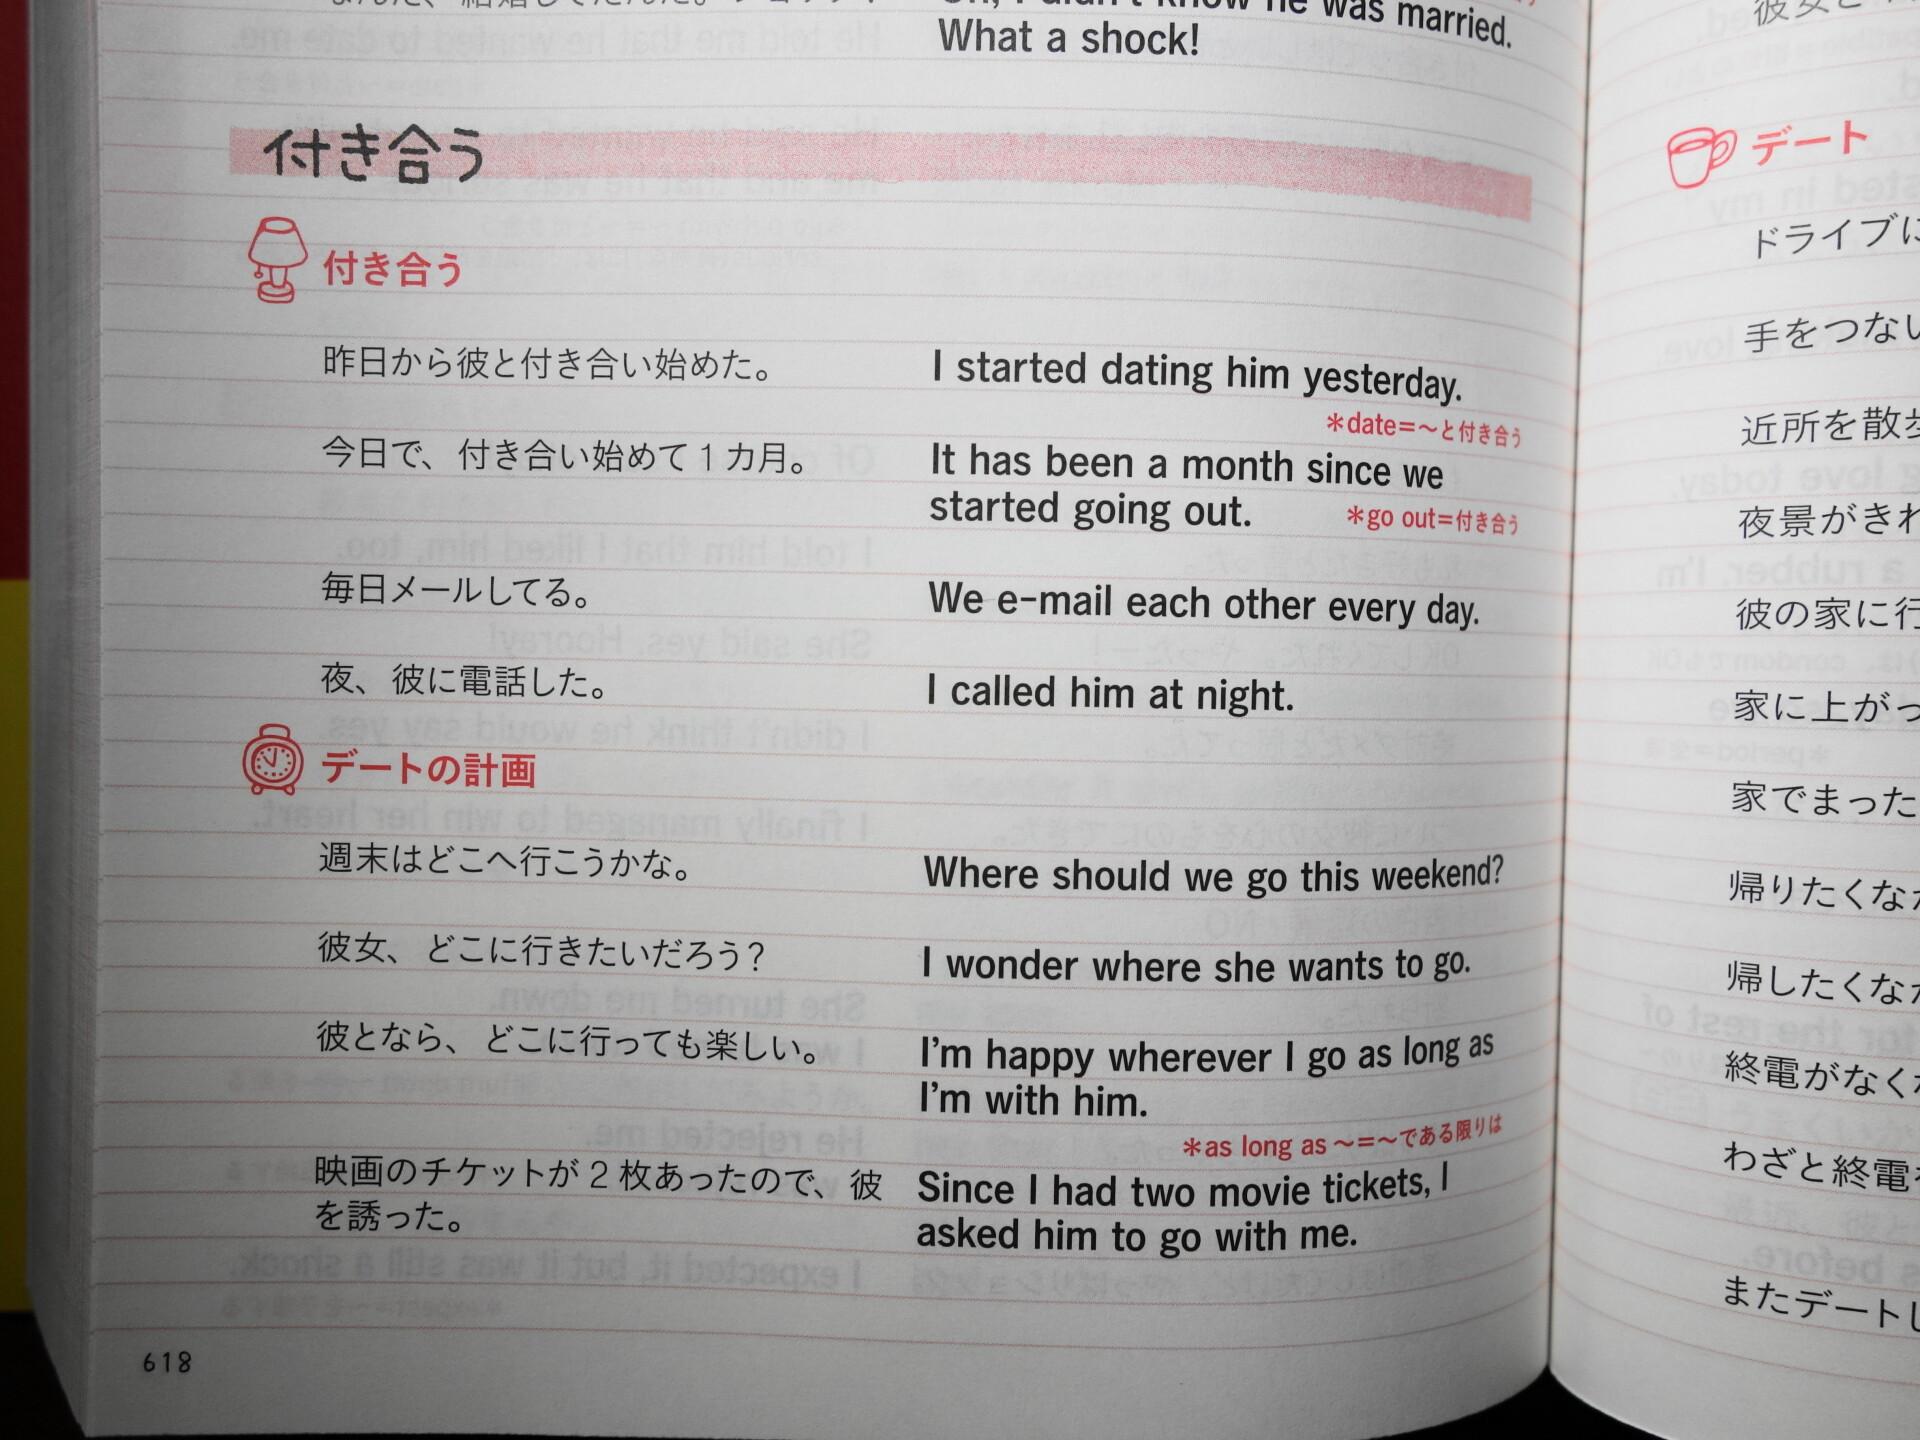 楽しい英語表現